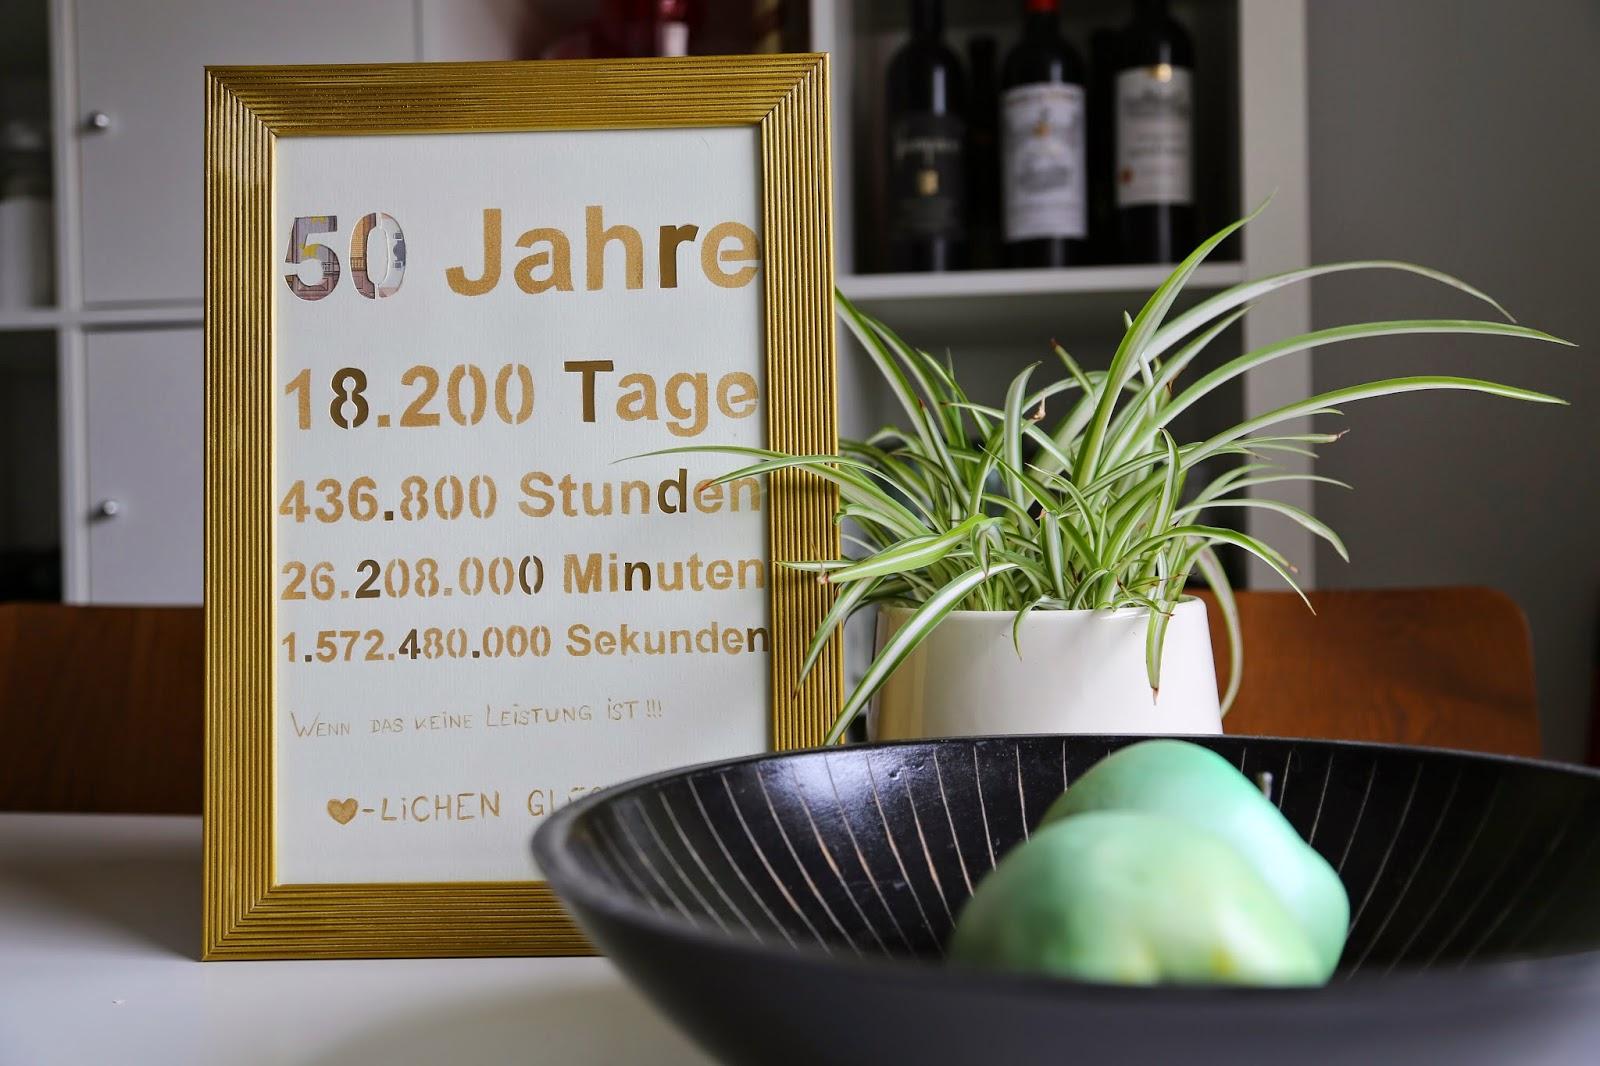 Zwischen Tr und Angel DIY  Geldgeschenk  50 Jahre